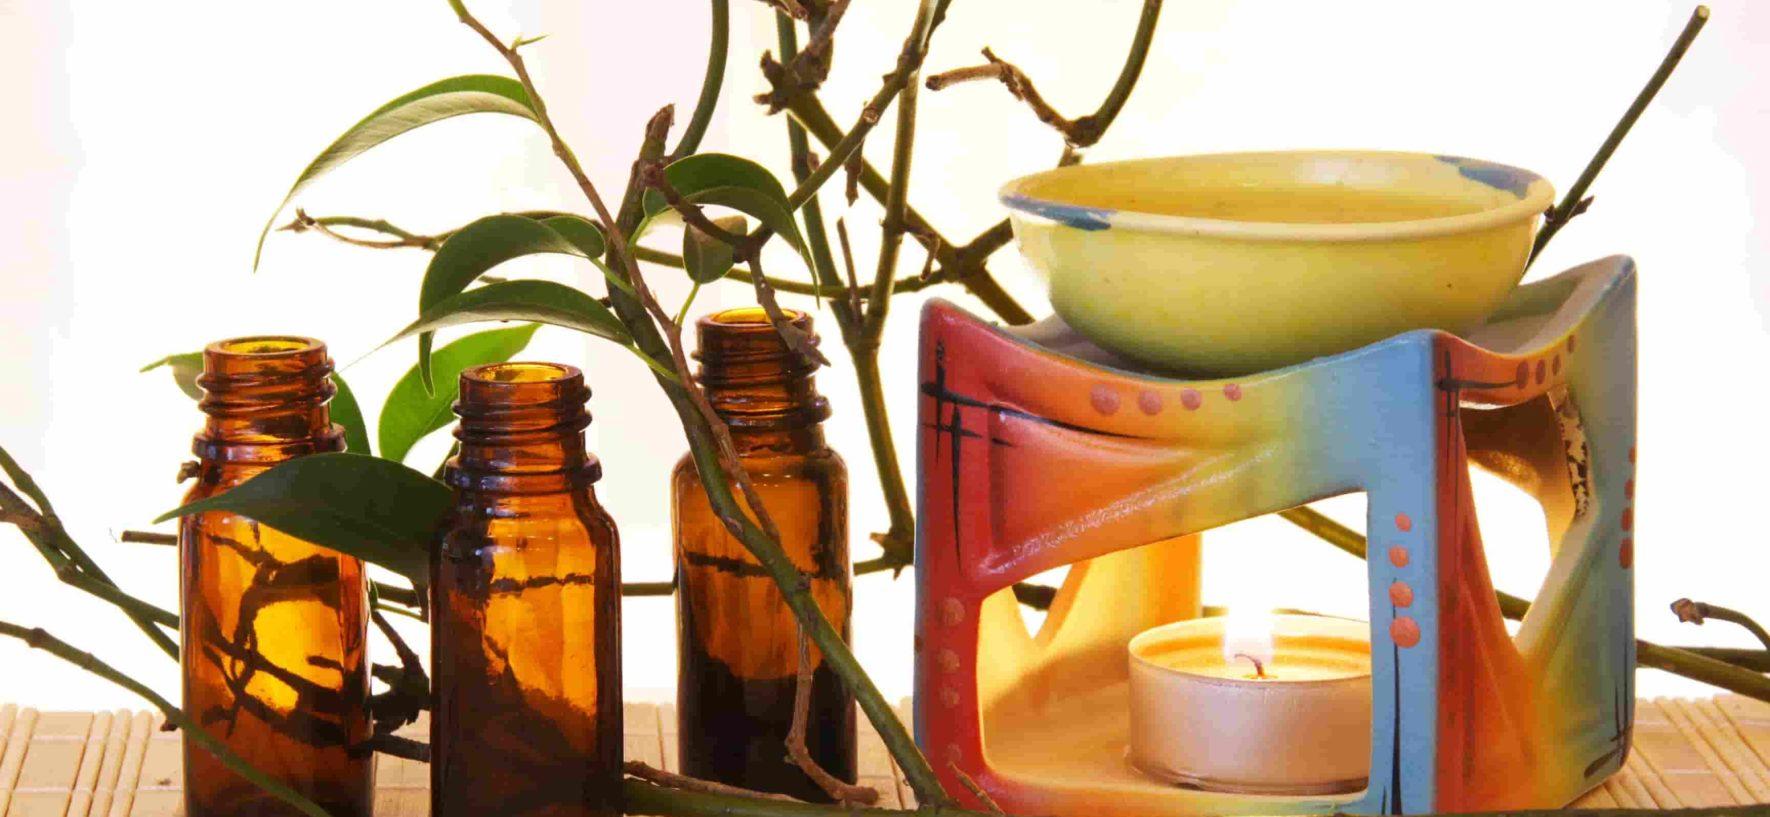 Tolle Rezepte für Duftlampen mit ätherischen Ölen